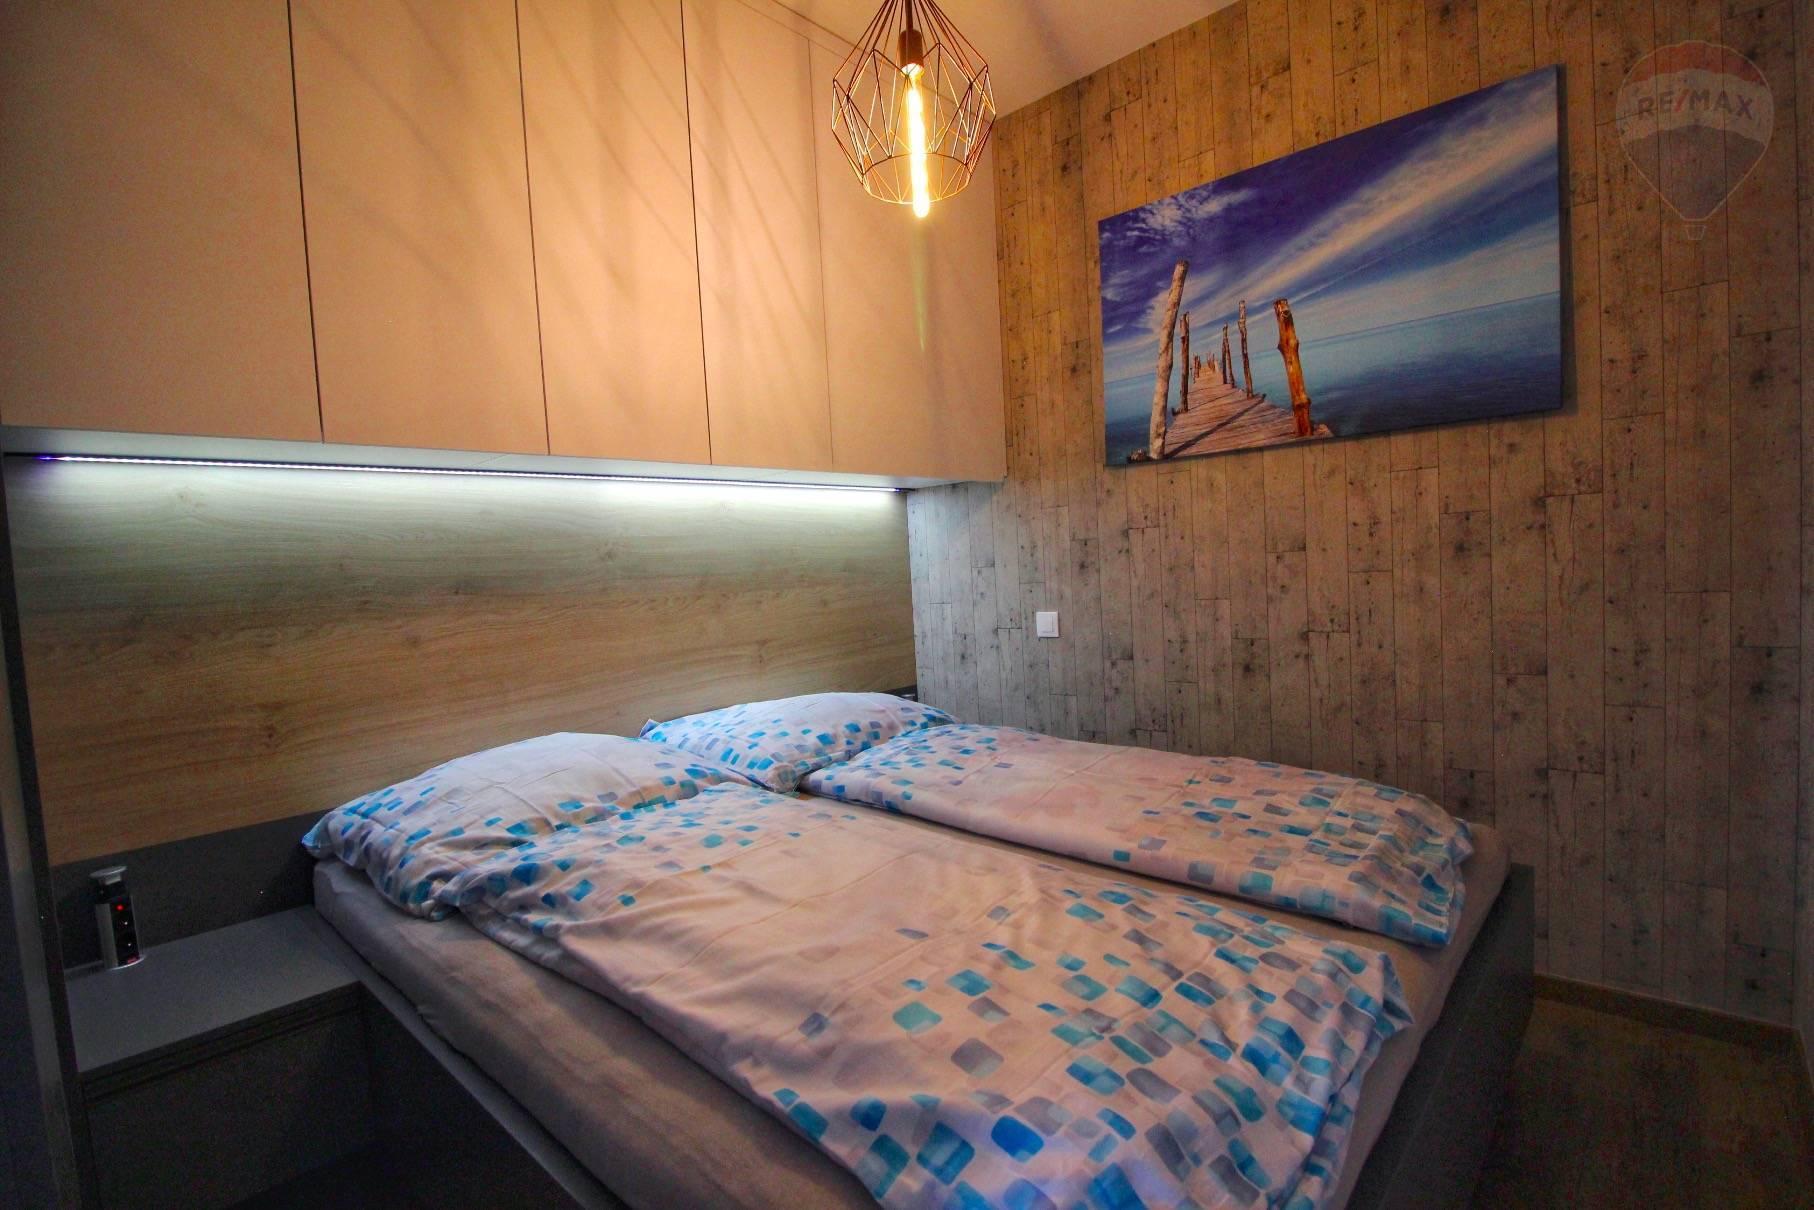 Prenájom bytu (2 izbový) 39 m2, Bratislava - Devínska Nová Ves - ŠTÝLOVÝ A MODERNÝ BYT V NOVOSTAVBE - EŠTE NEOBÝVANÝ - ZARIADENÝ - Bory Bývanie - Top ponuka - Spálňa